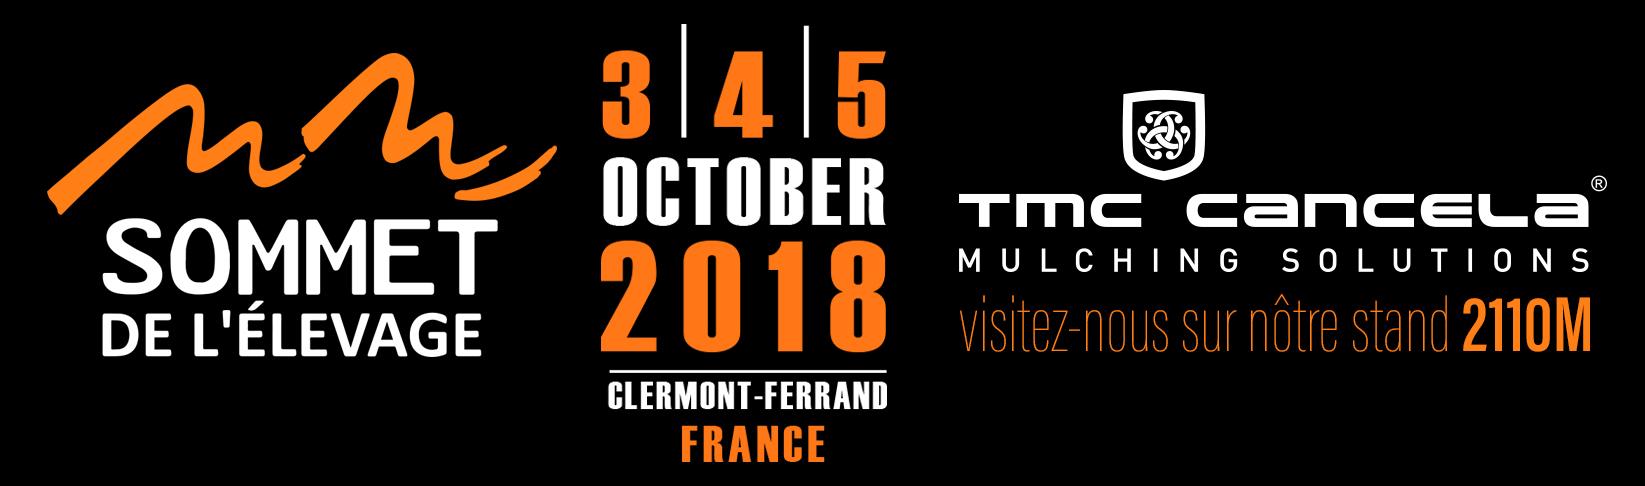 TMC Cancela Team Is Back At The Salon De L'Elevage